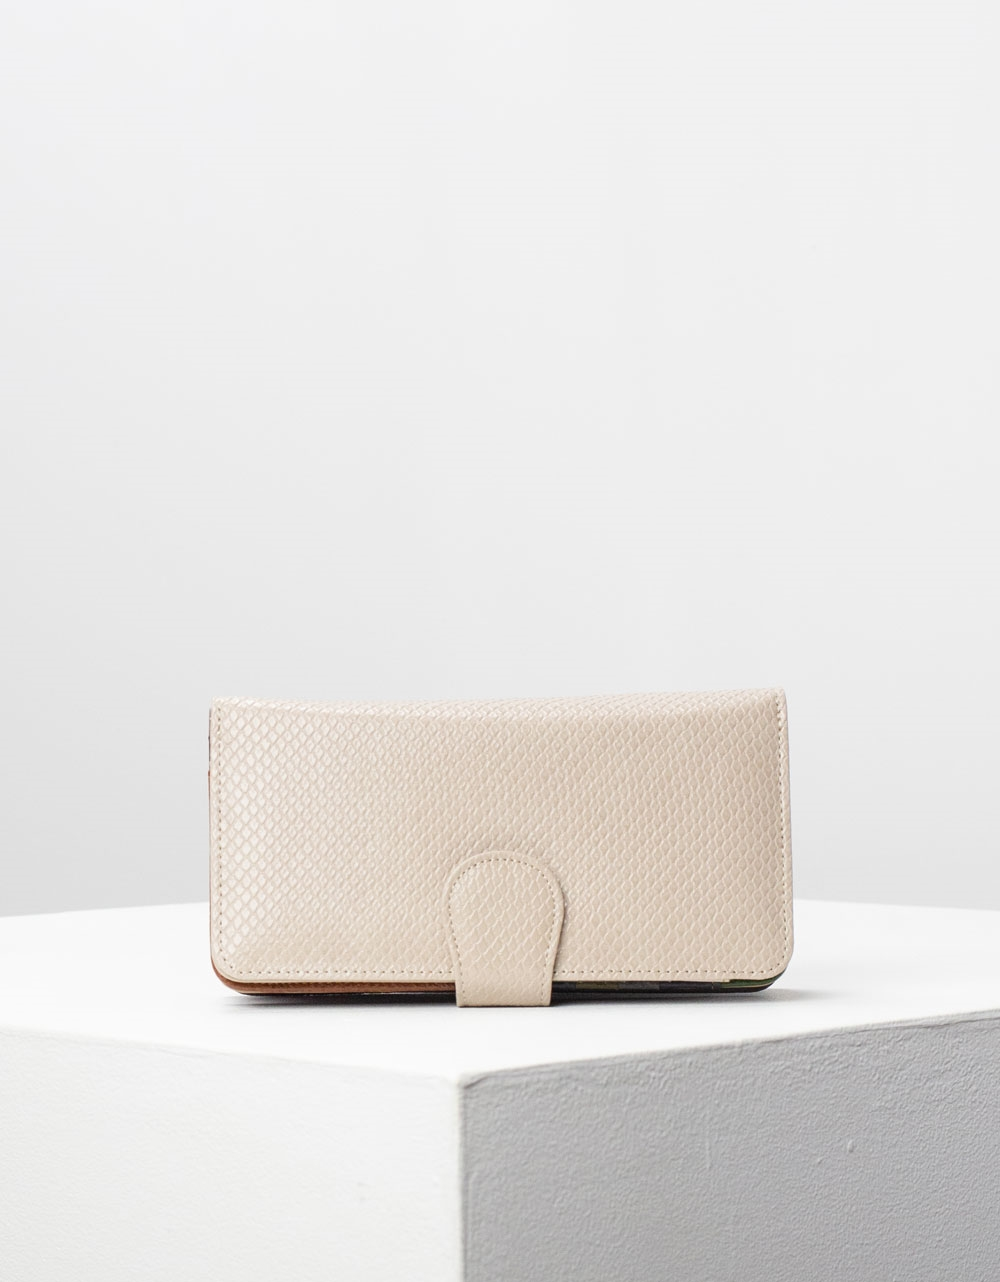 Εικόνα από Γυναικεία πορτοφόλια δερμάτινα με πολλές θήκες Μπεζ